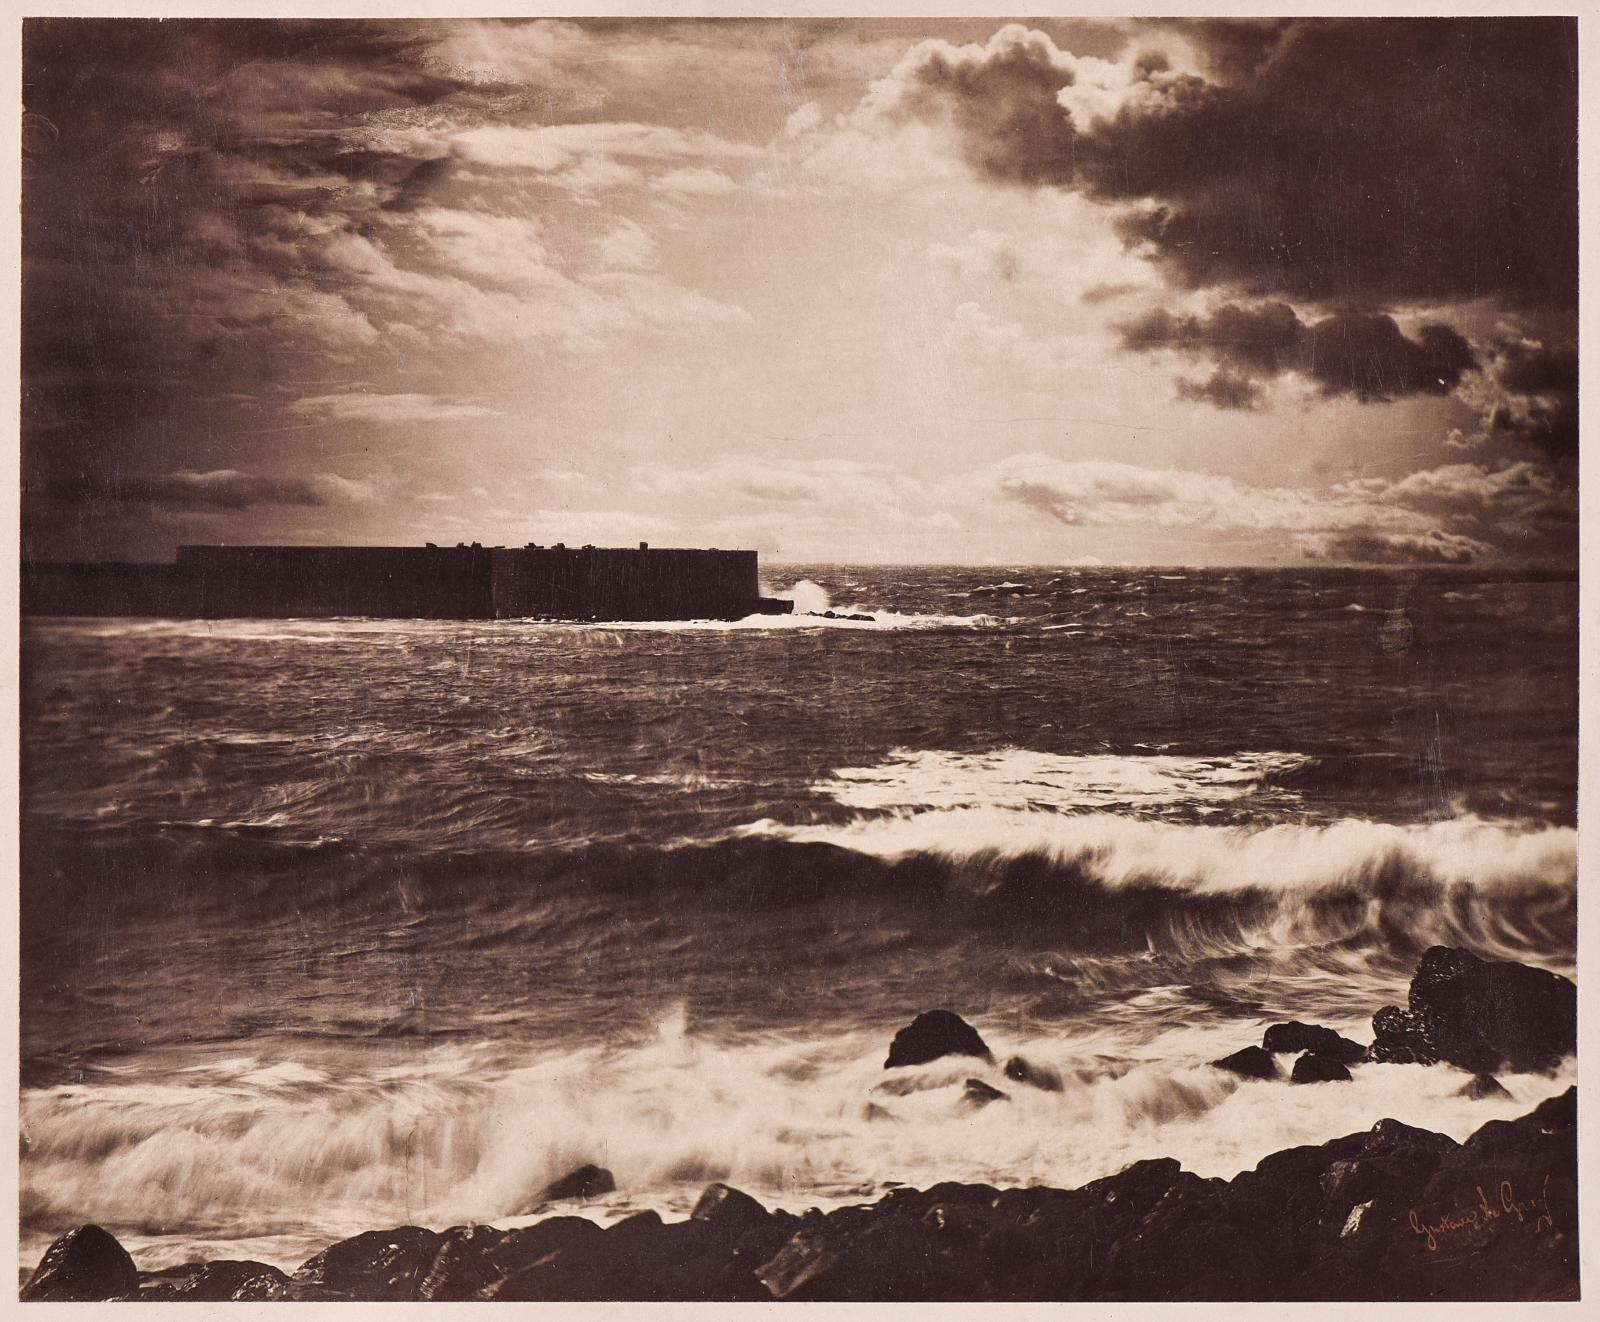 Gustave LeGray (1820-1884), Grande vague, Sète n°17, printemps 1857, tirage albuminé d'époque à partir de deux négatifs au collodion hum